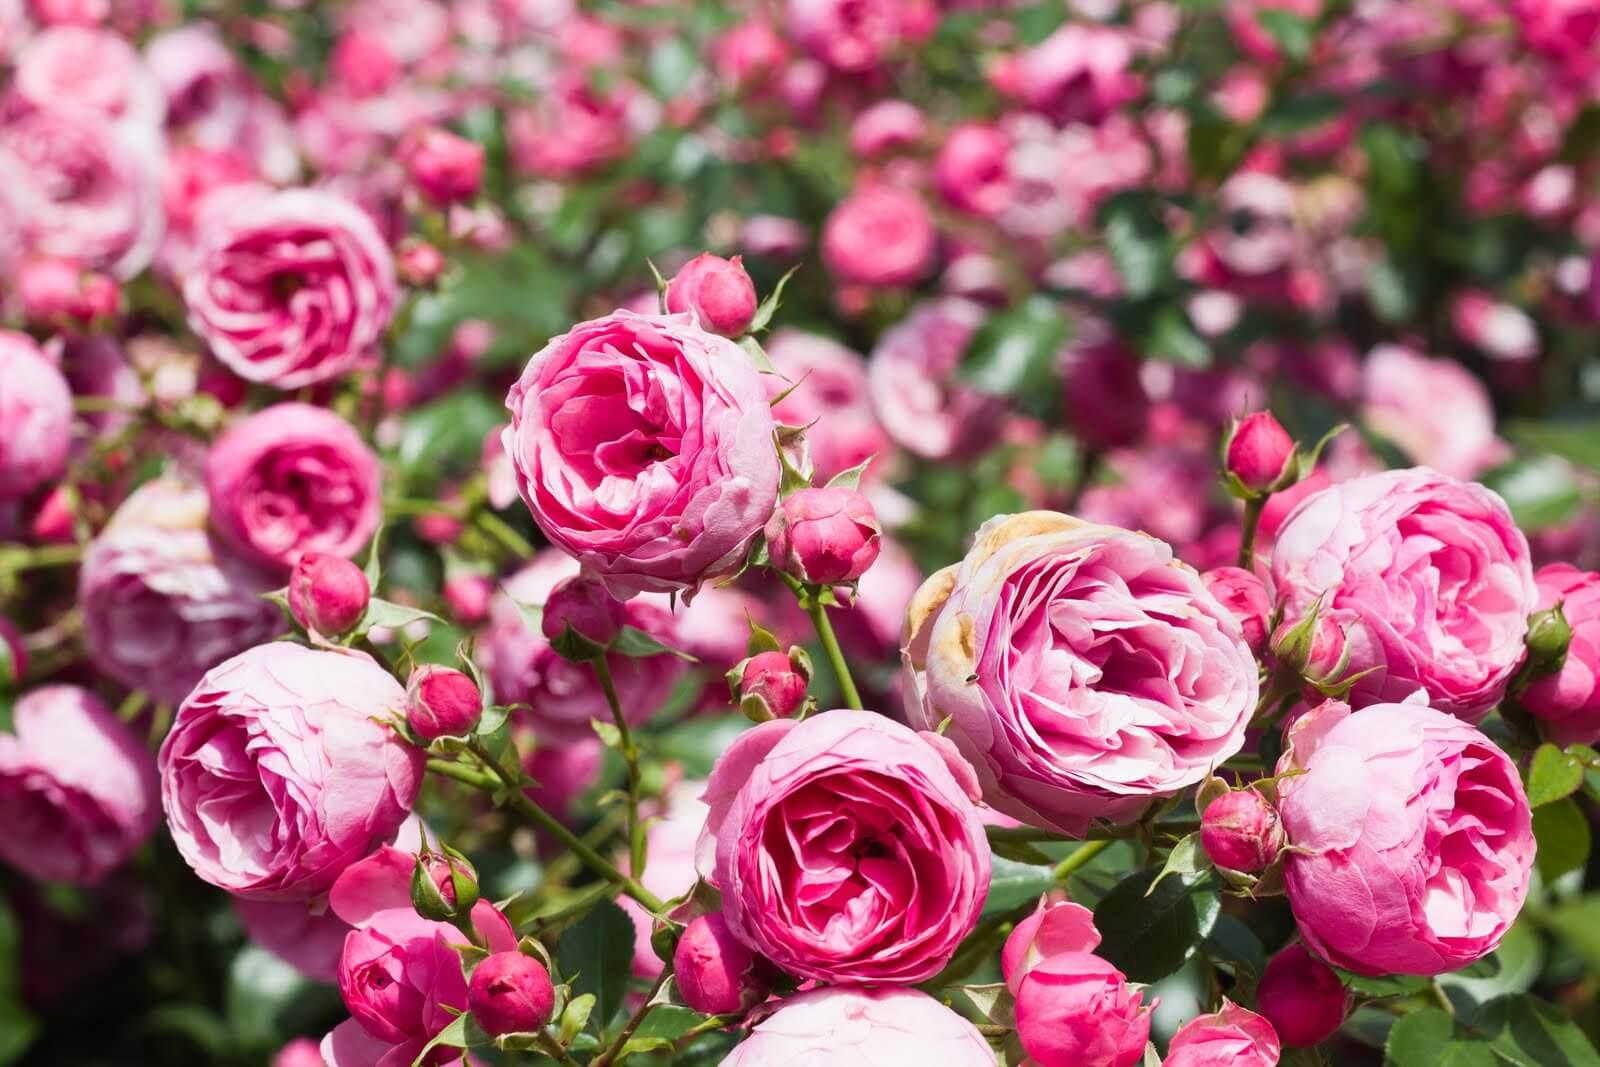 Описание чайно-гибридной розы голубой нил: что это за сорт оригинального цвета